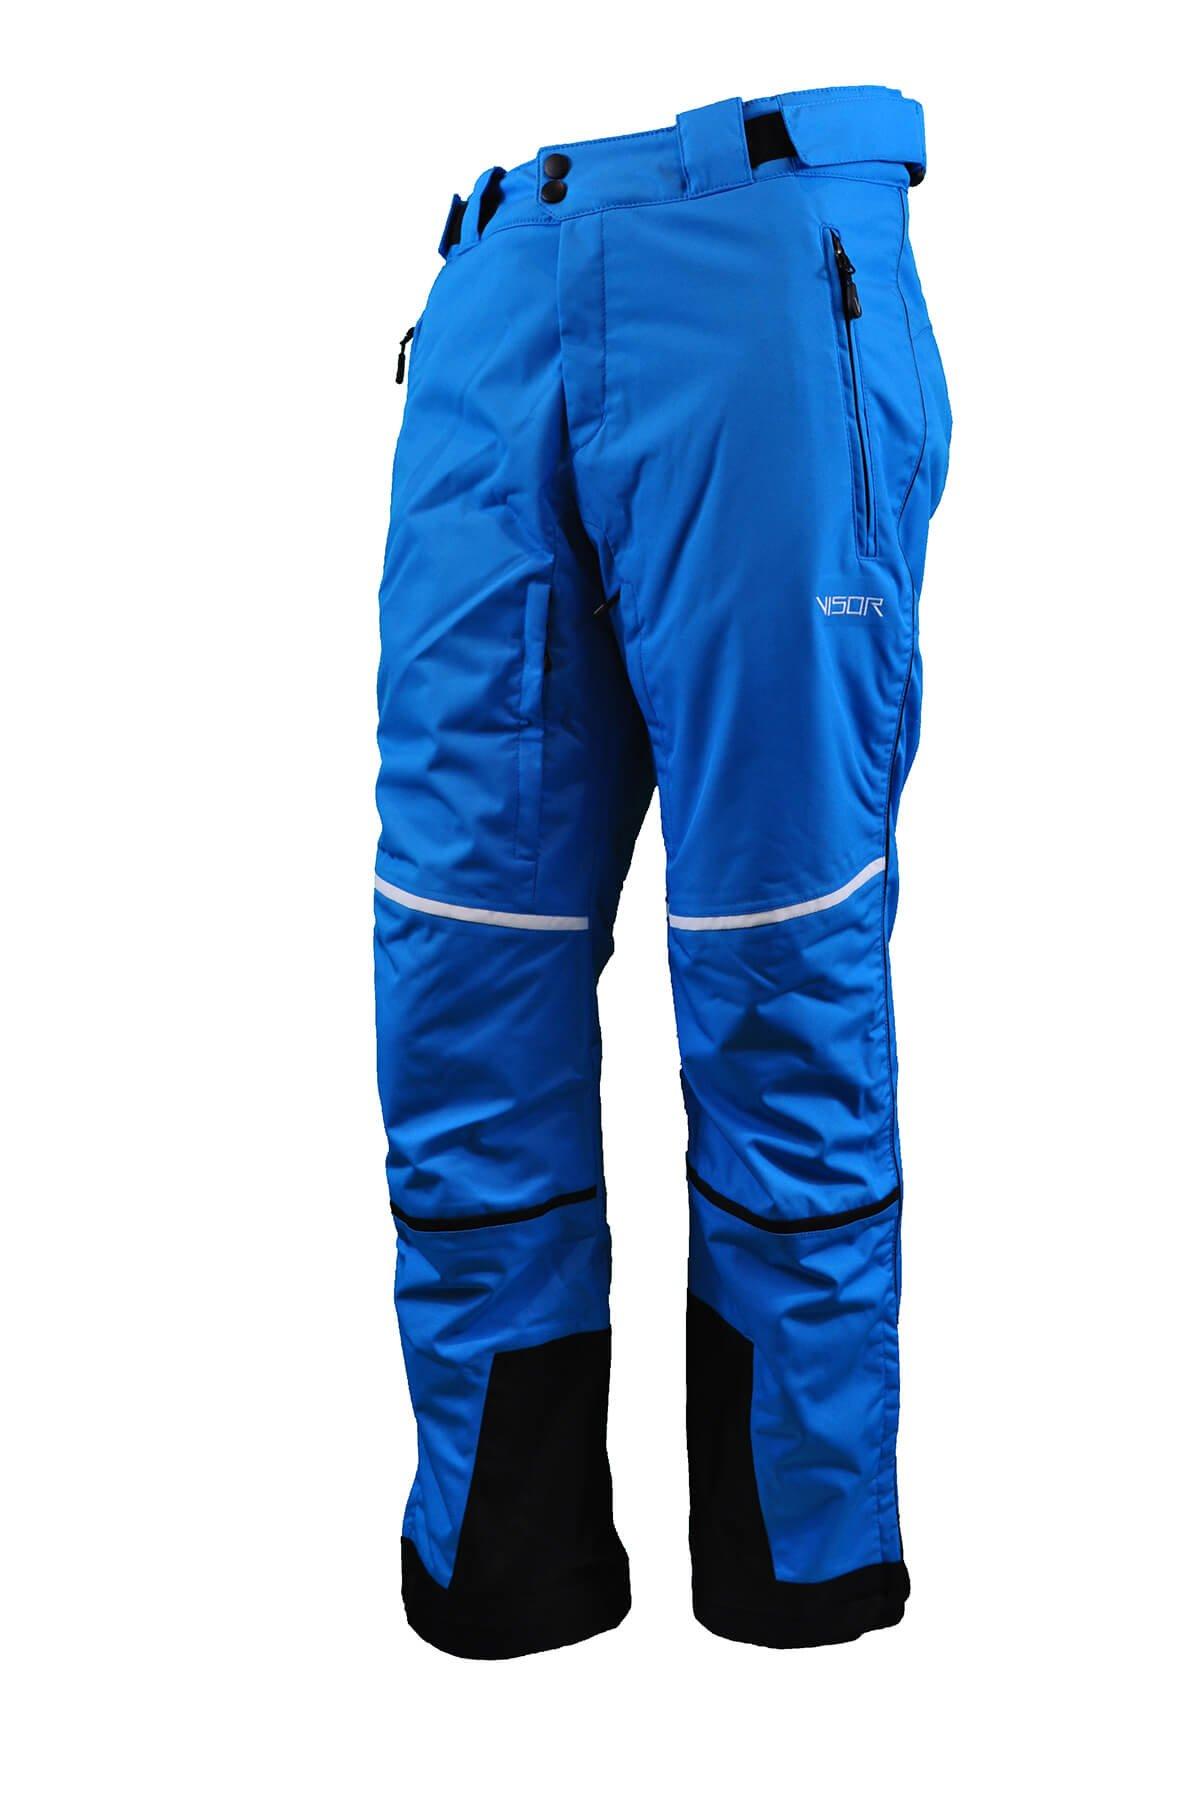 Ski Pants Limit Men